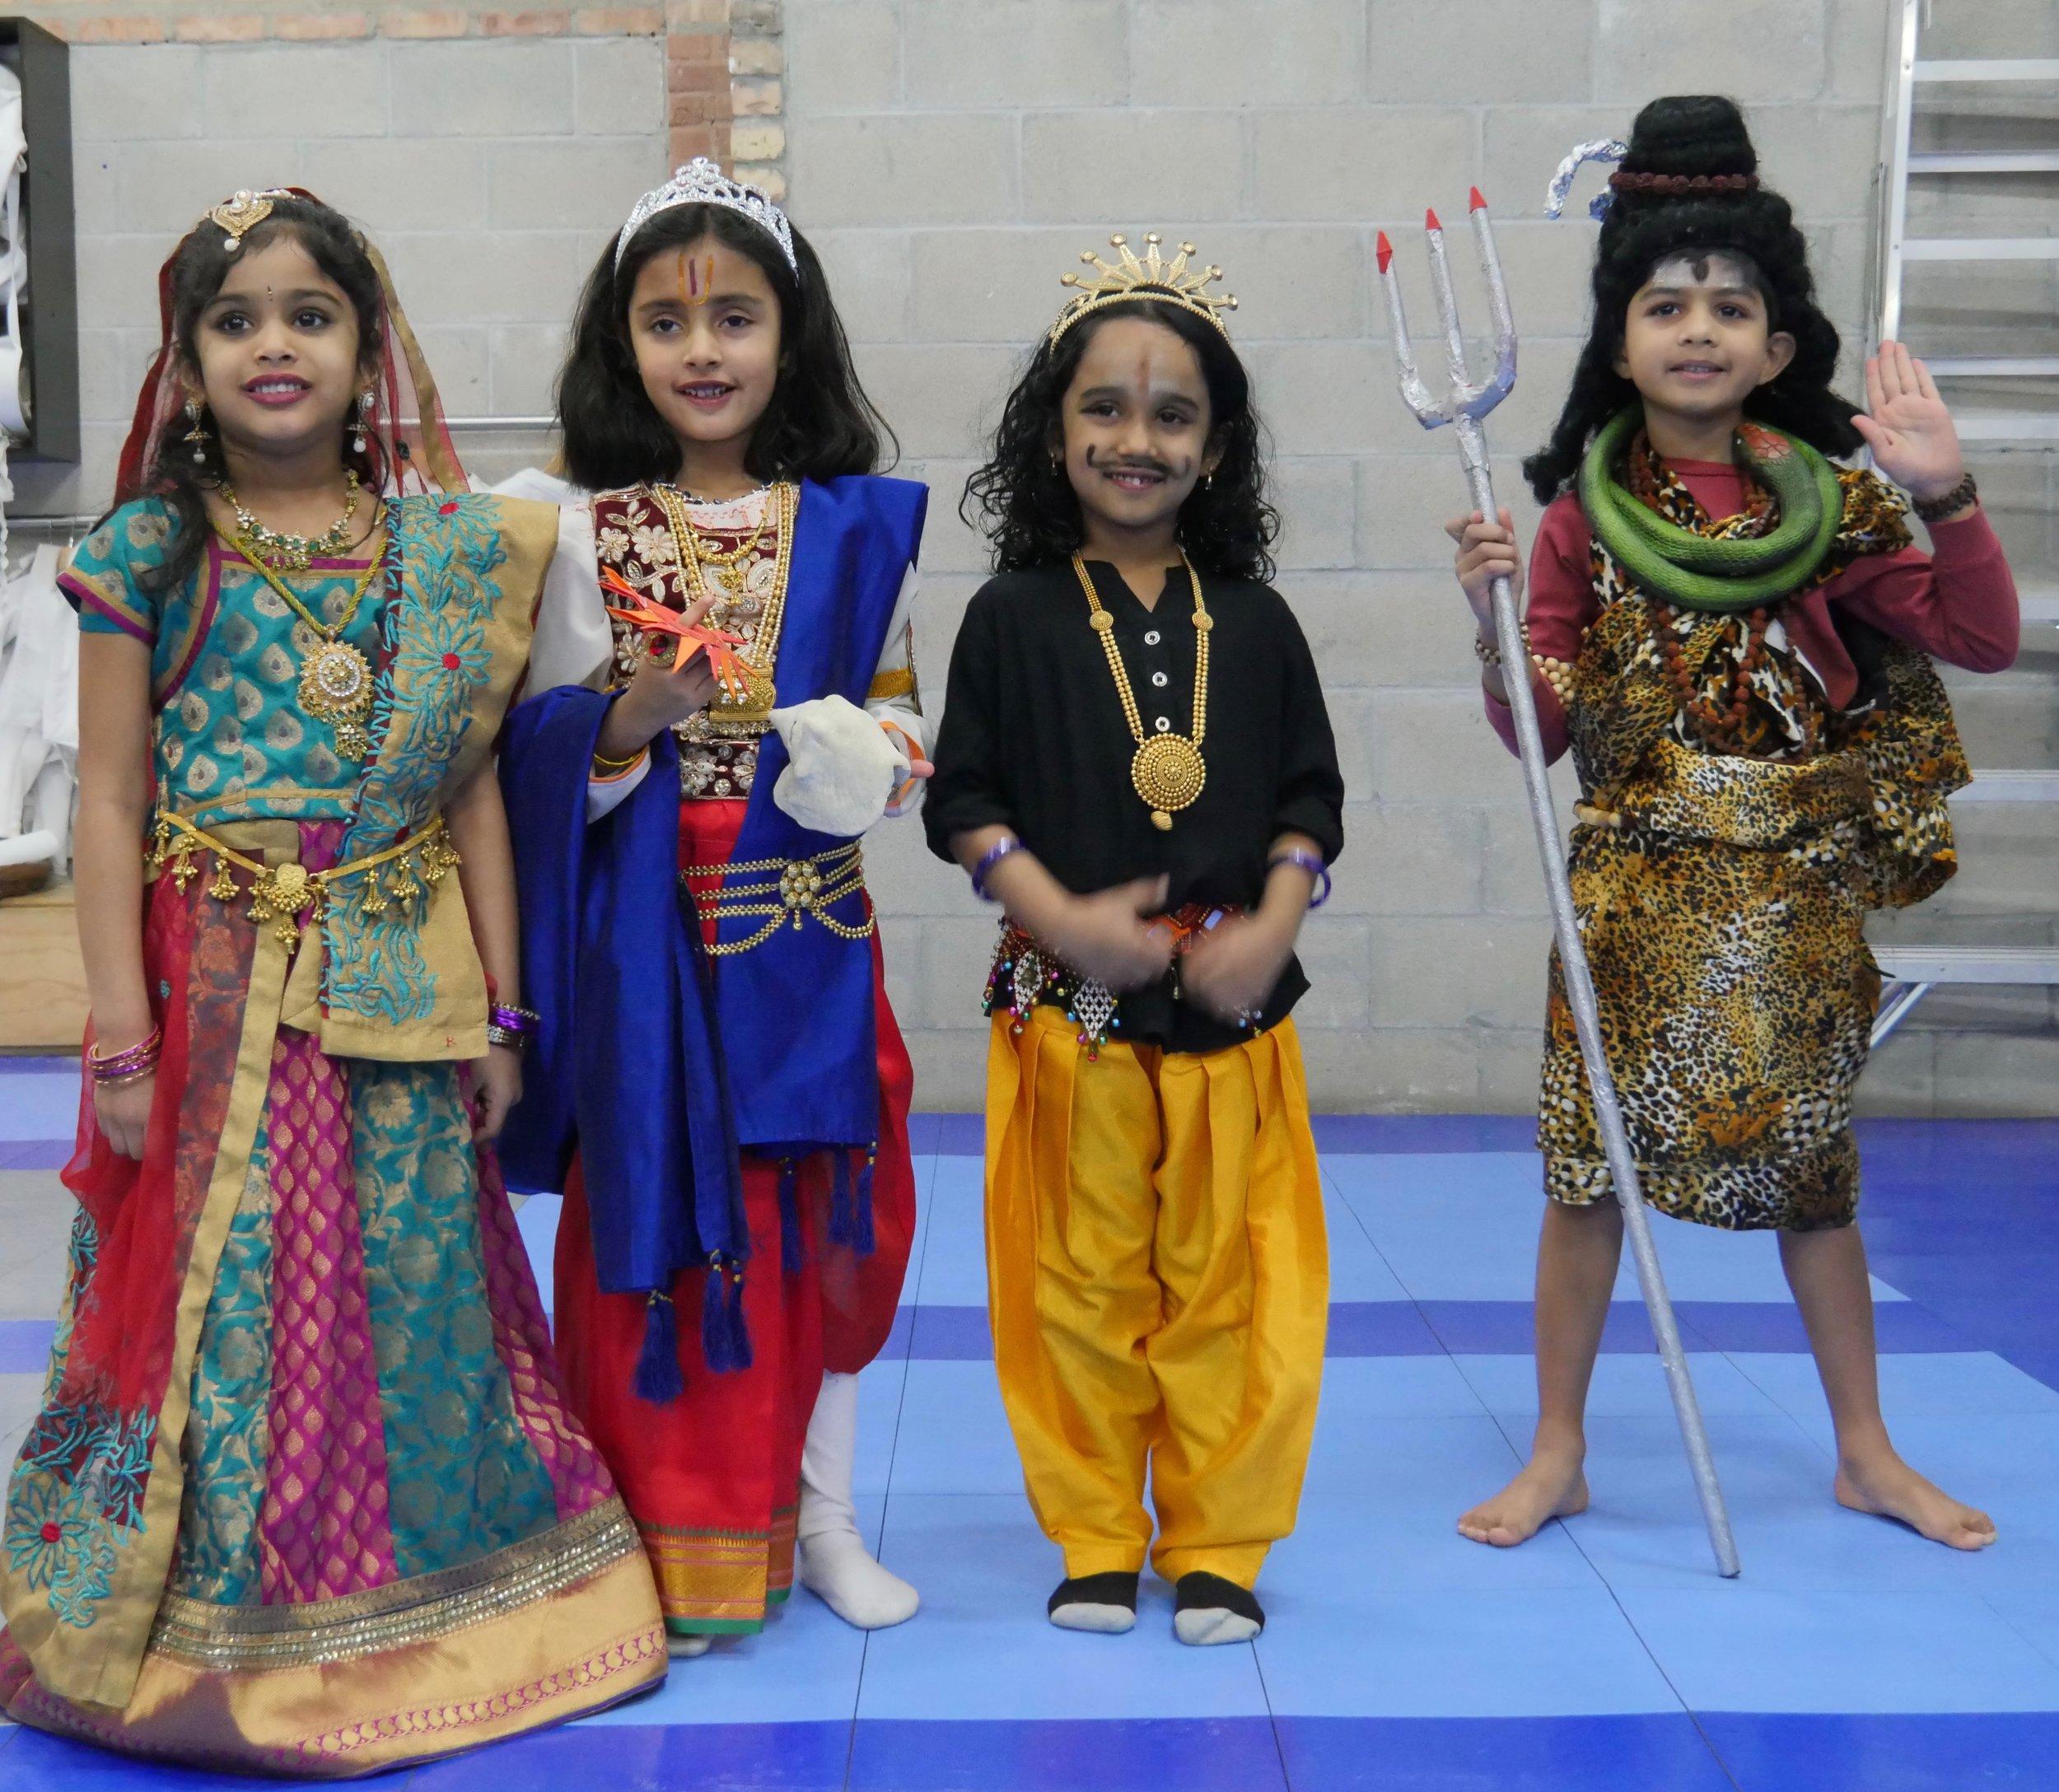 Gangotri children 2.jpg